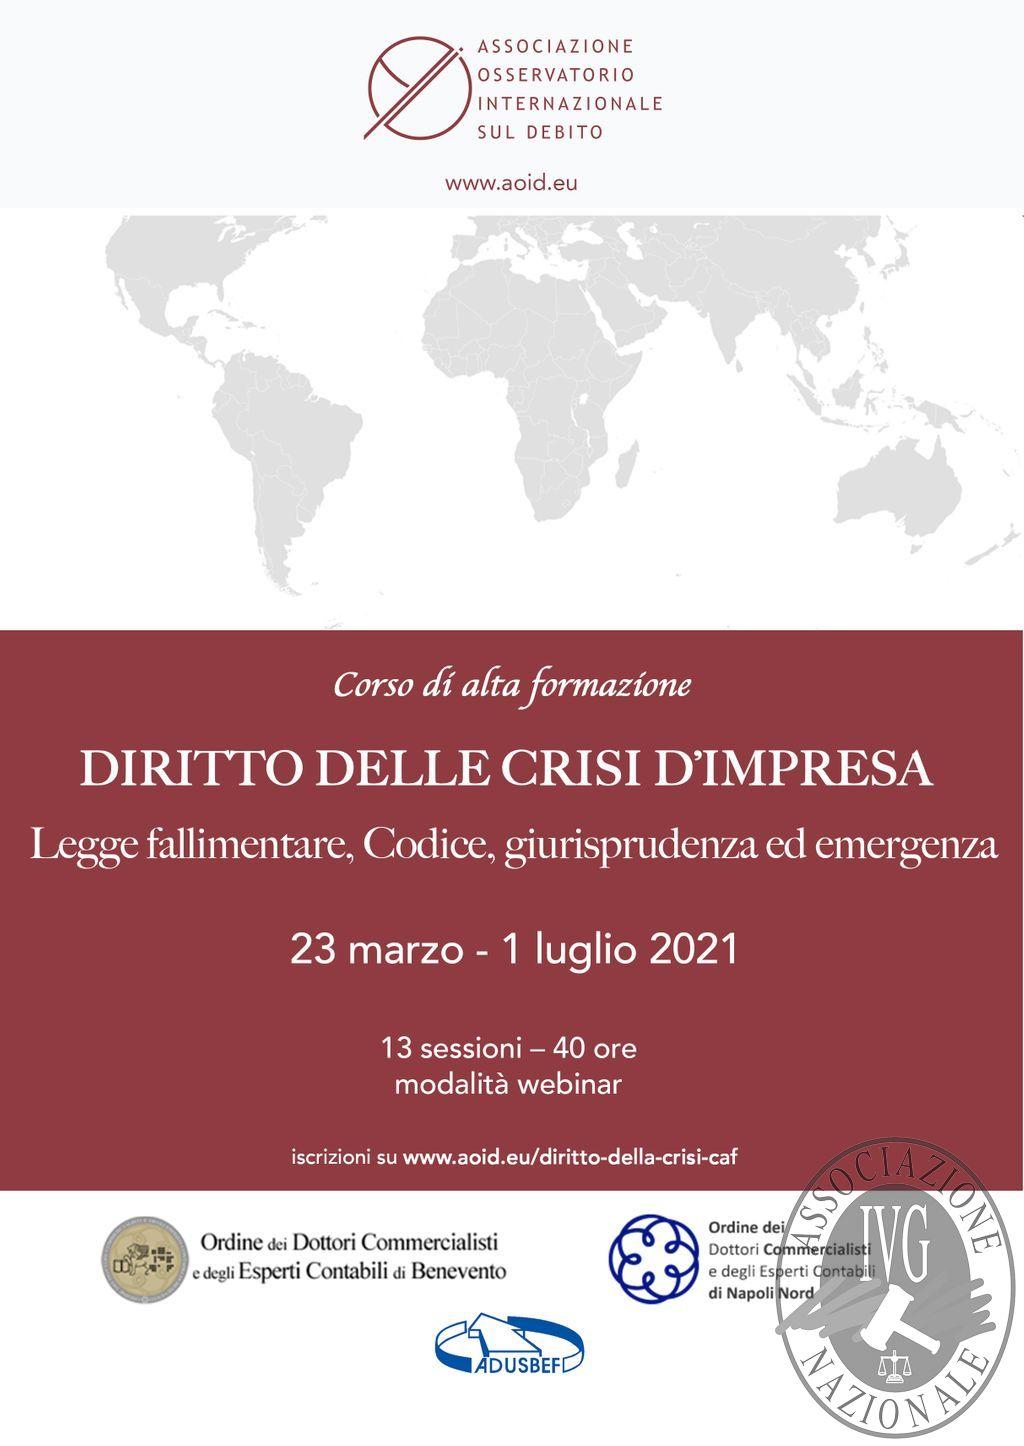 Programma Diritto delle Crisi AOID  2021.pdf - Adobe Acrobat Pro.jpg